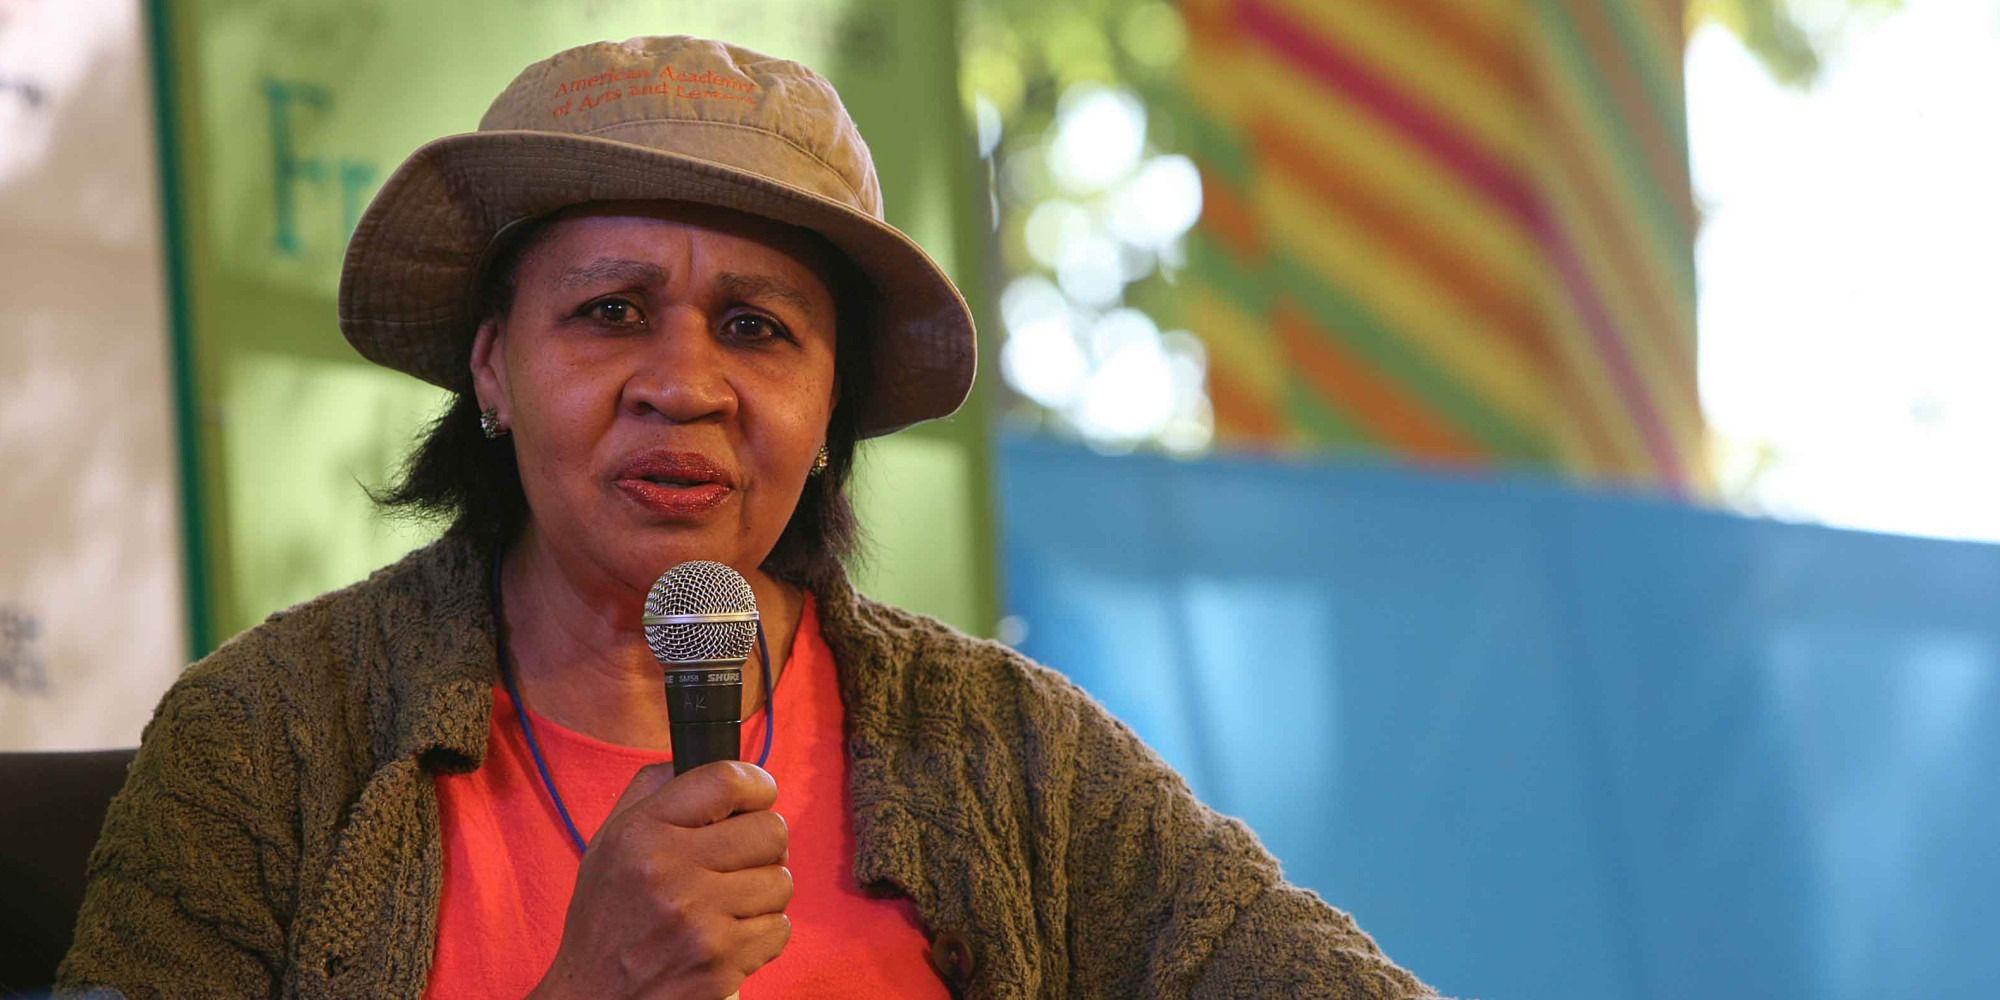 Jamaica Kincaid Black Jewish Author Scoops Israeli